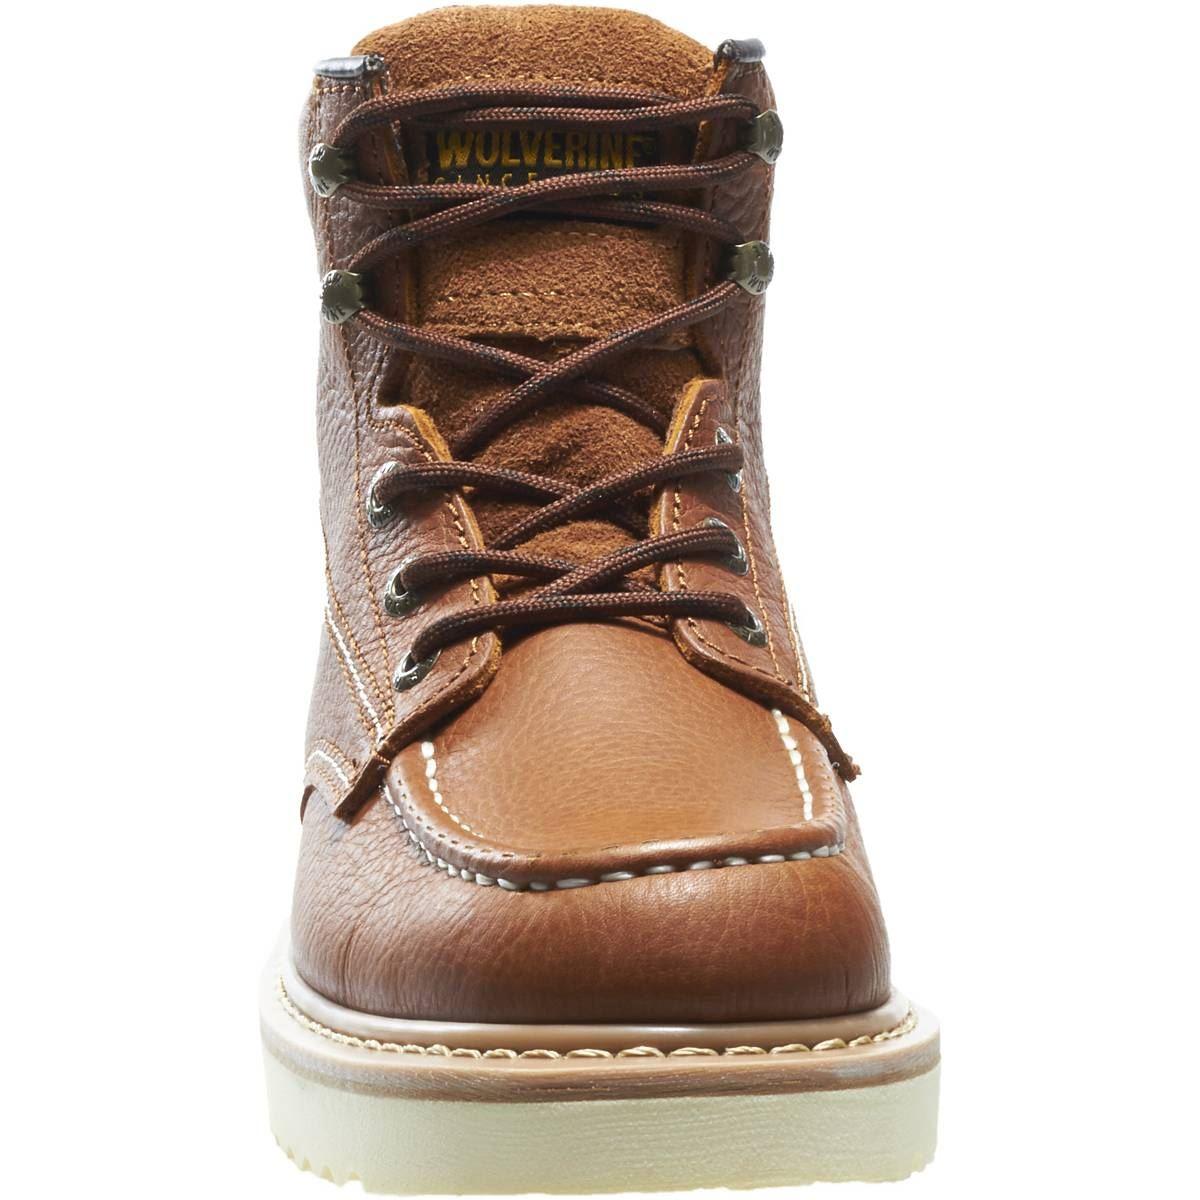 wolverine moc toe wedge heel work boot ebay